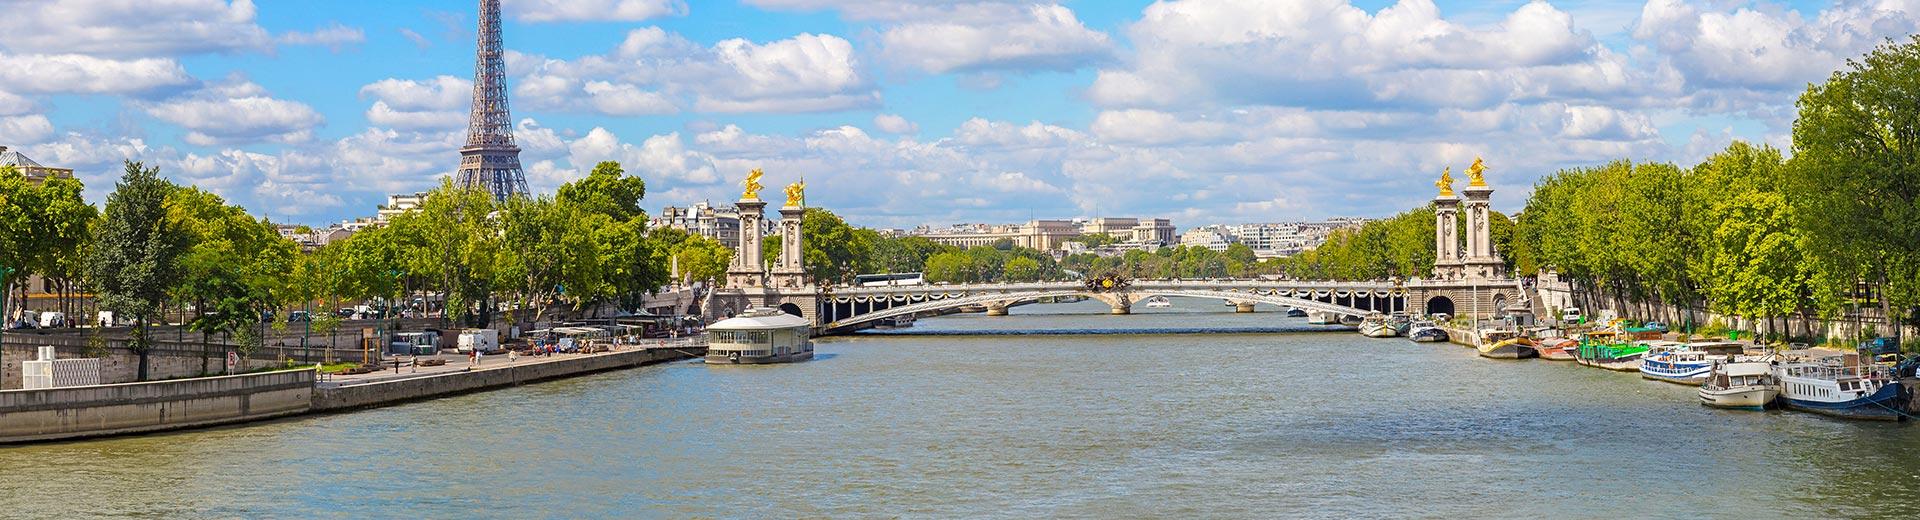 Voyages en groupe Paris - offre Confort